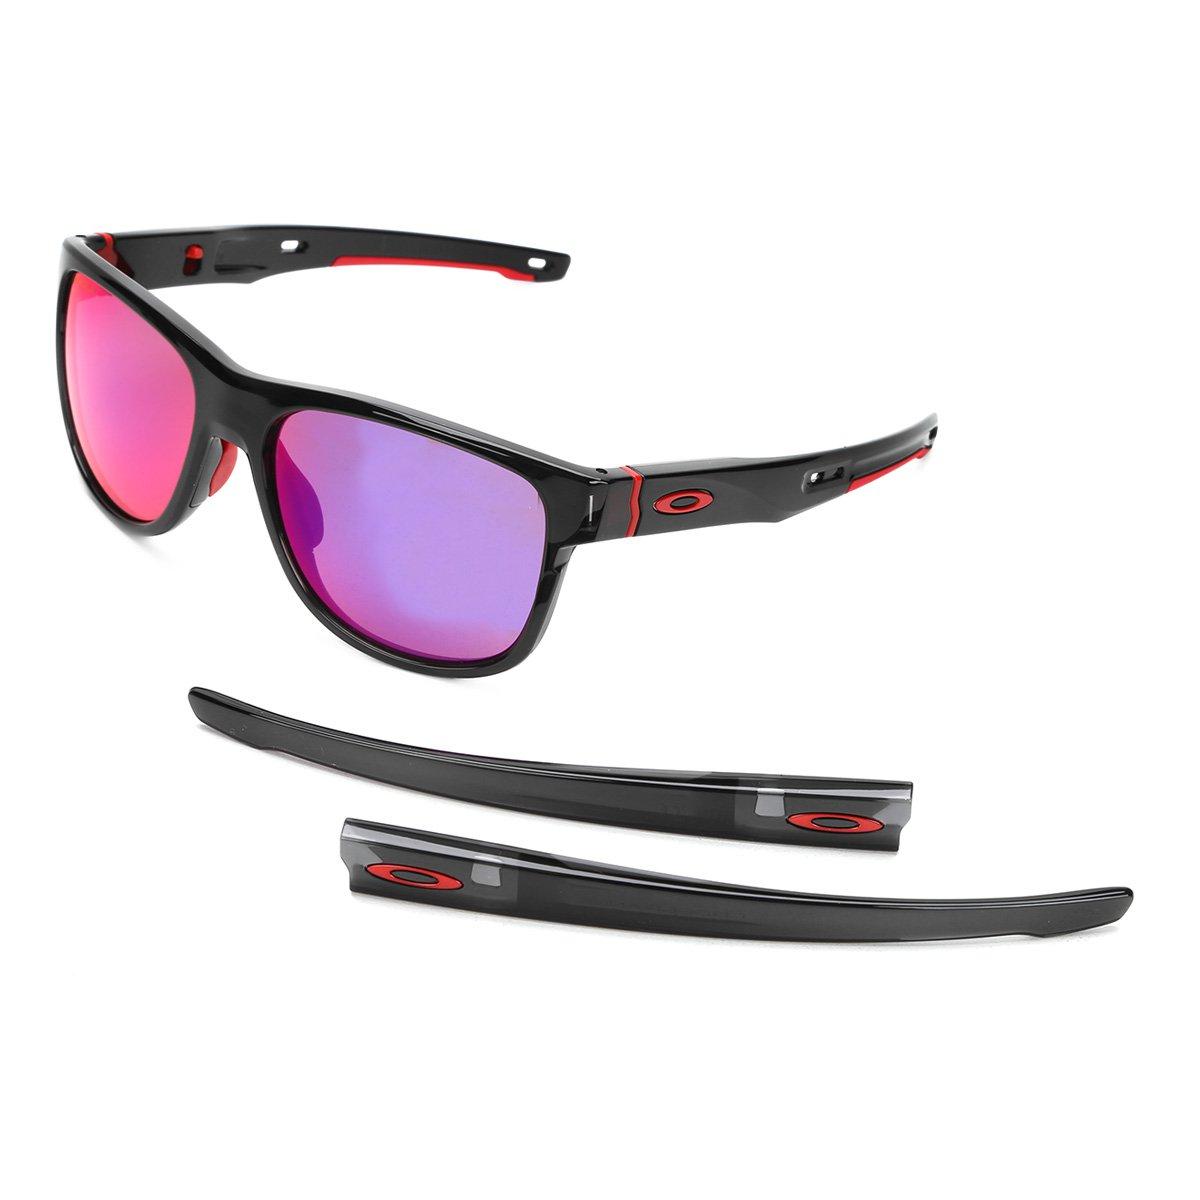 9652001e14d97 Óculos de Sol Oakley Crossrange R Masculino - Preto e Laranja - Compre  Agora